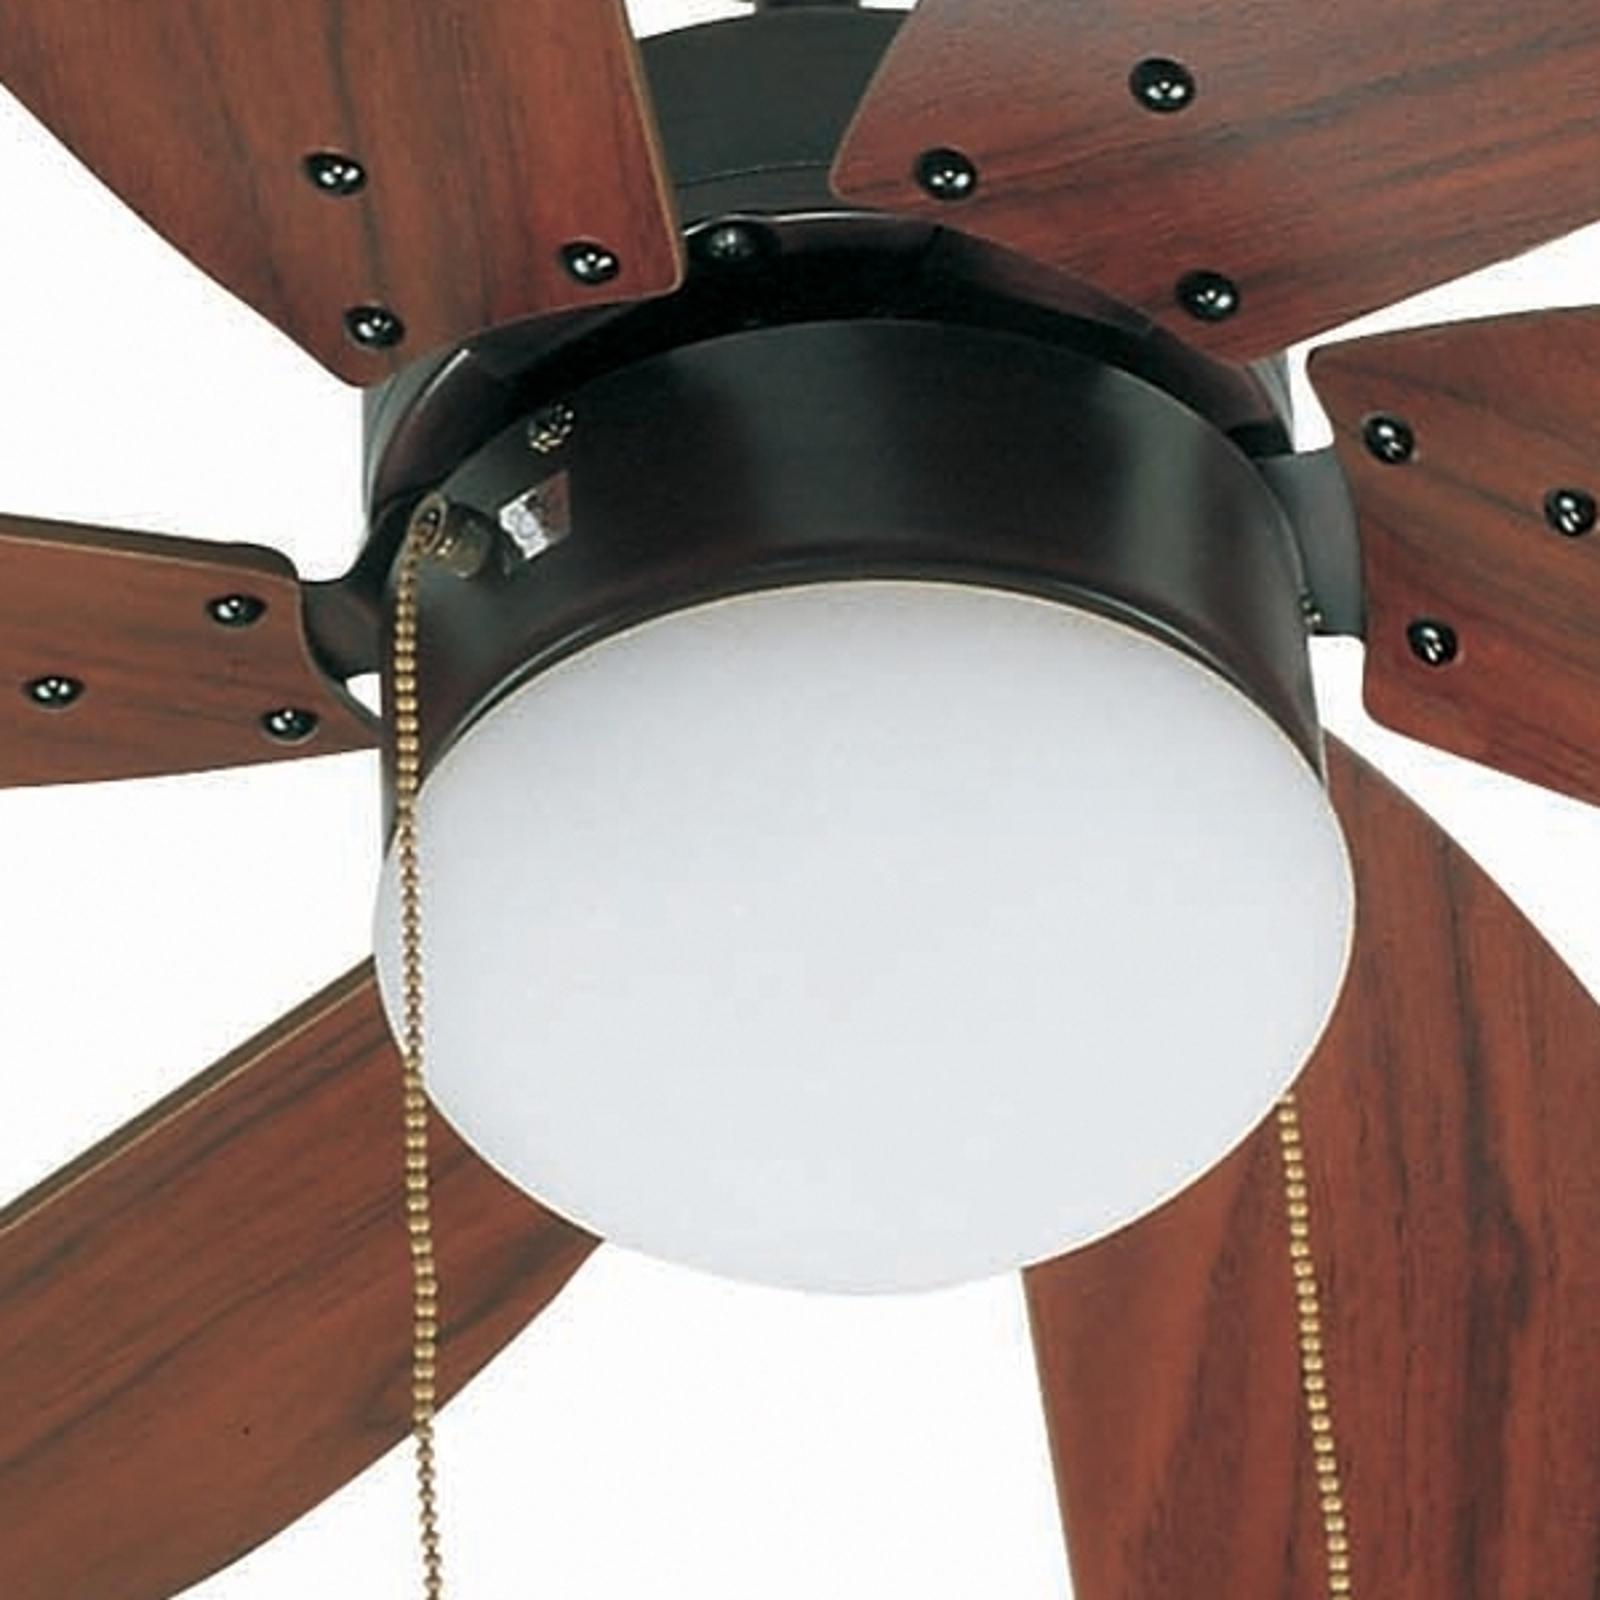 Stropní ventilátor Palao s osvětlením, hnědý